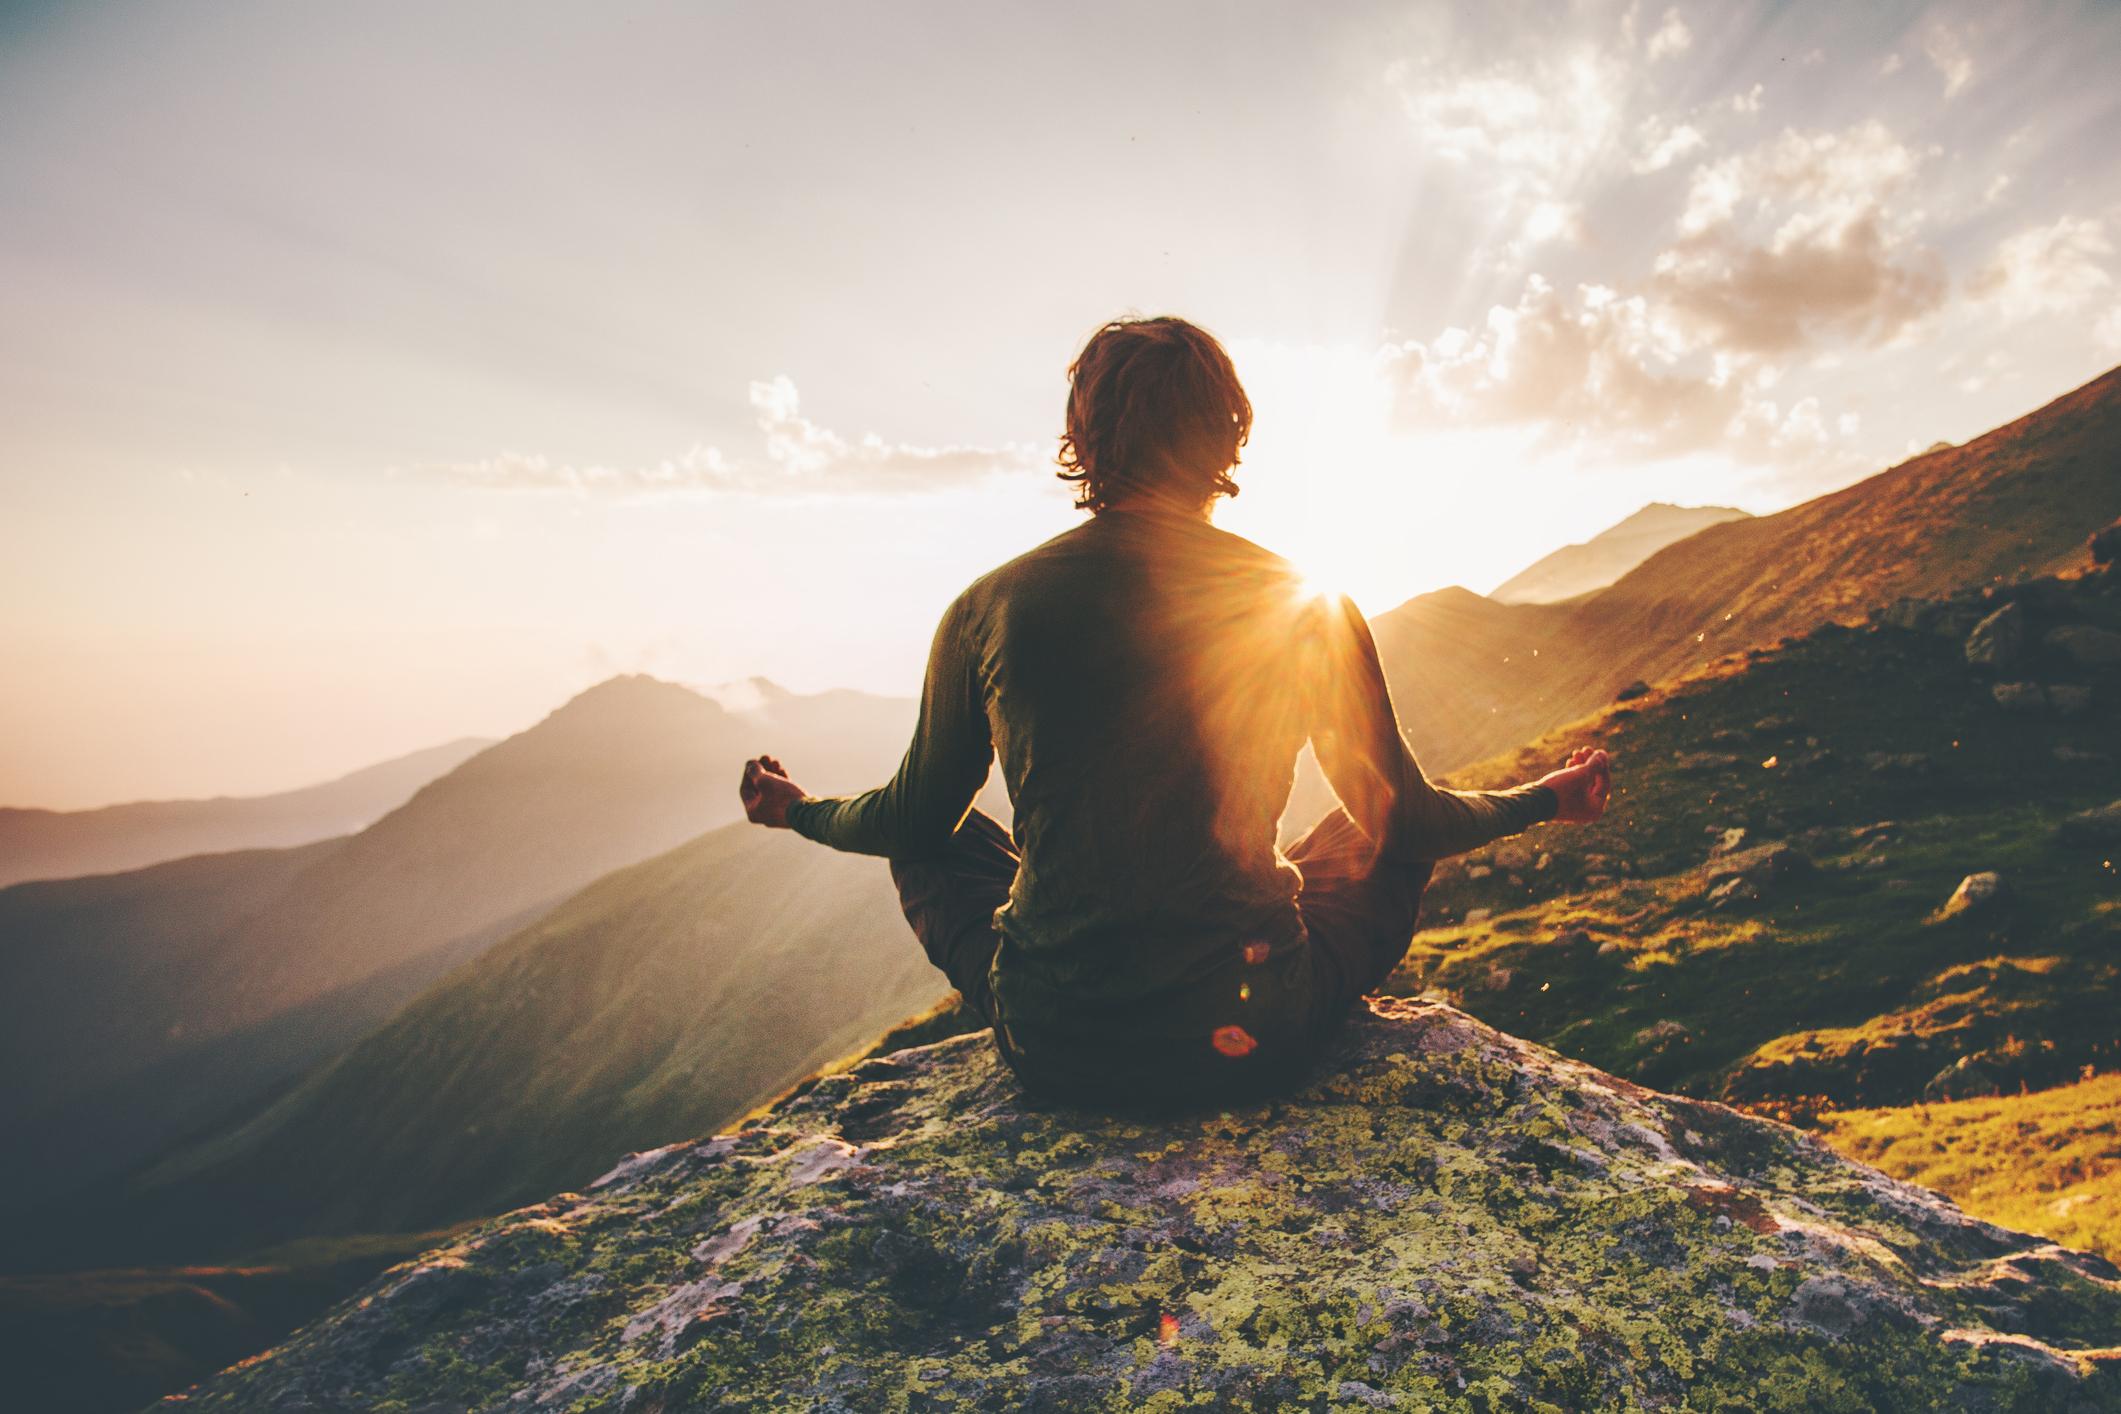 Man meditating at sunset mountains